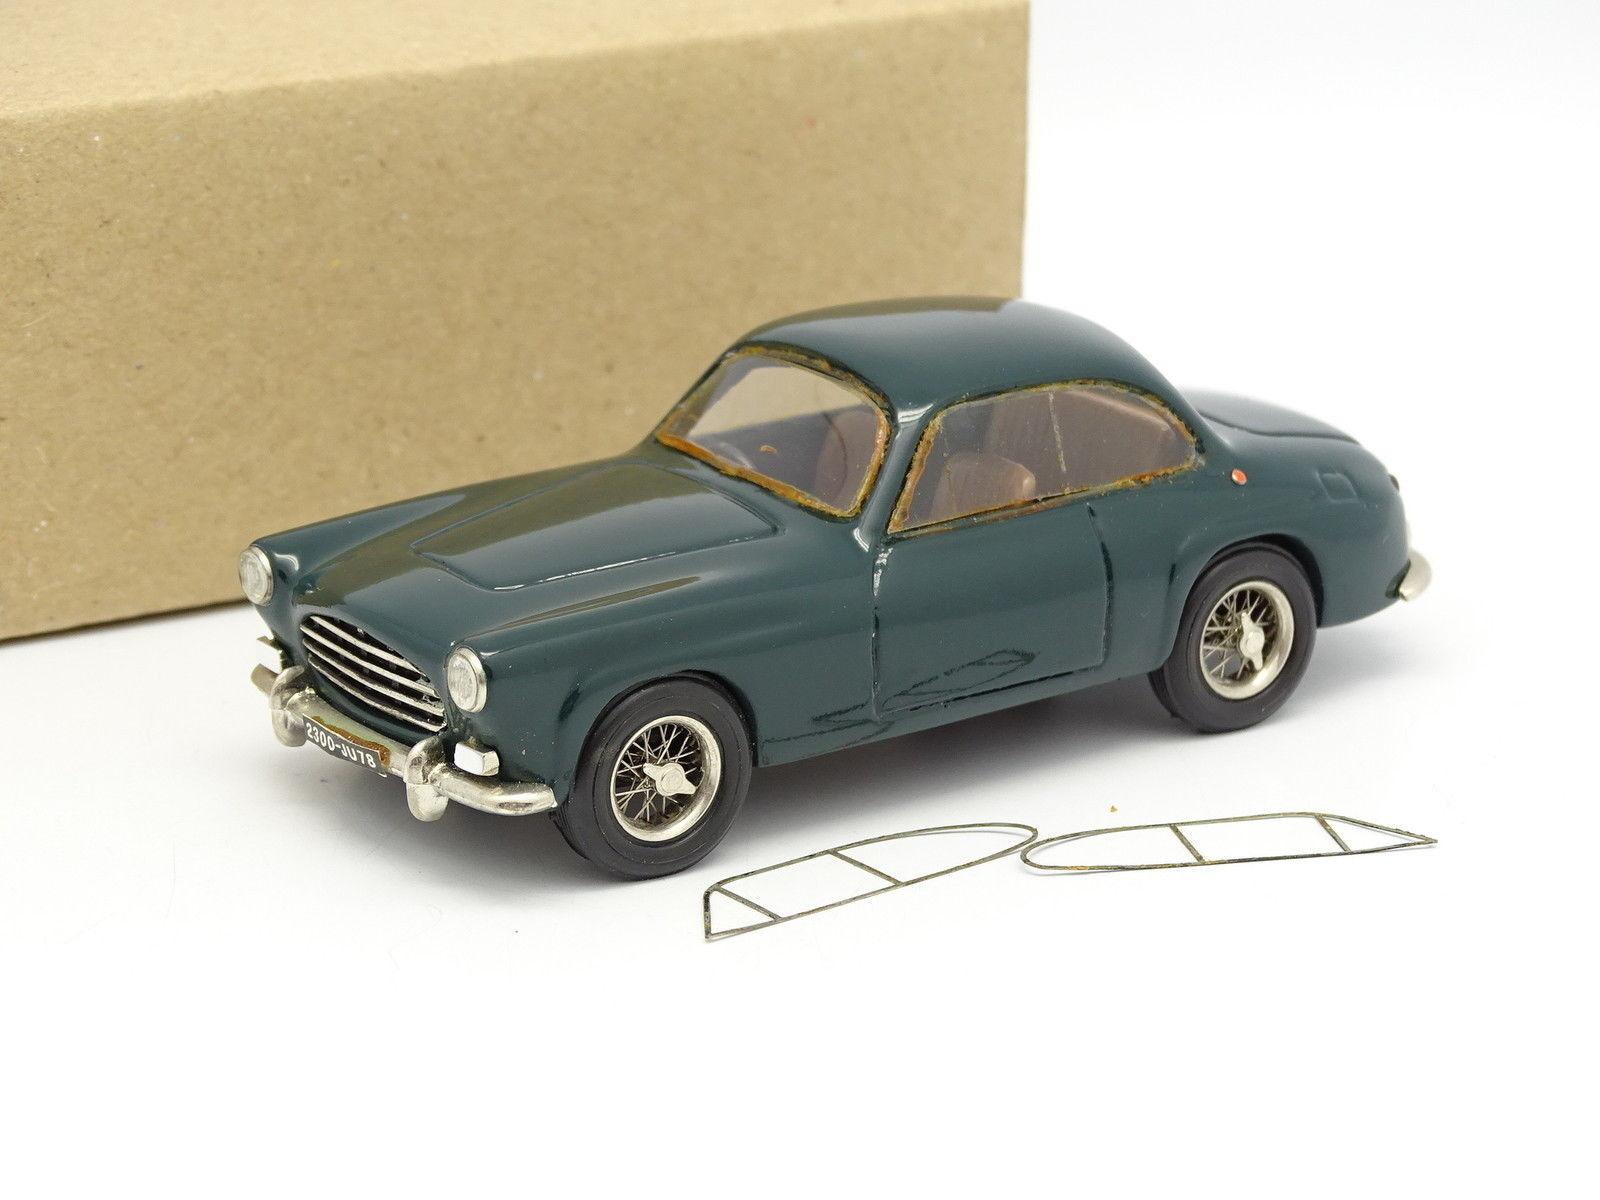 Ma collezione brianza resina 1   43 - salmson - 2300 s 1954 Grün